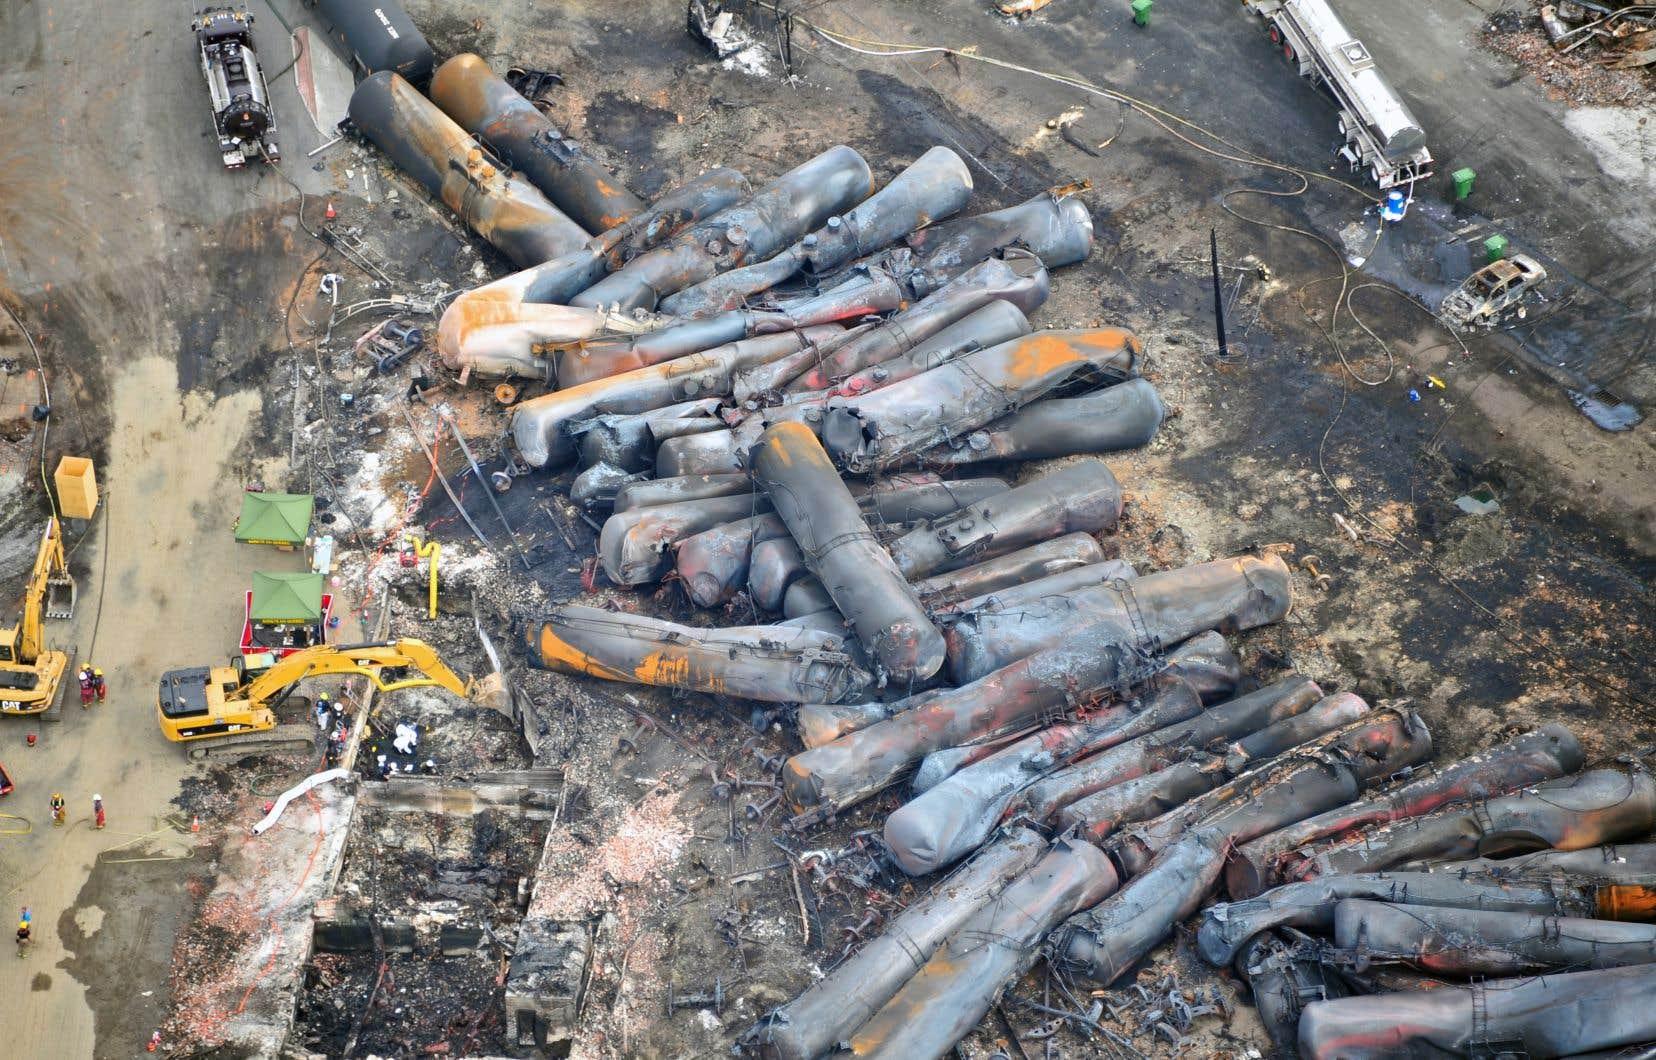 Le jour du drame,47 personnes sont mortes et le centre-ville de Lac-Mégantic a été anéanti.